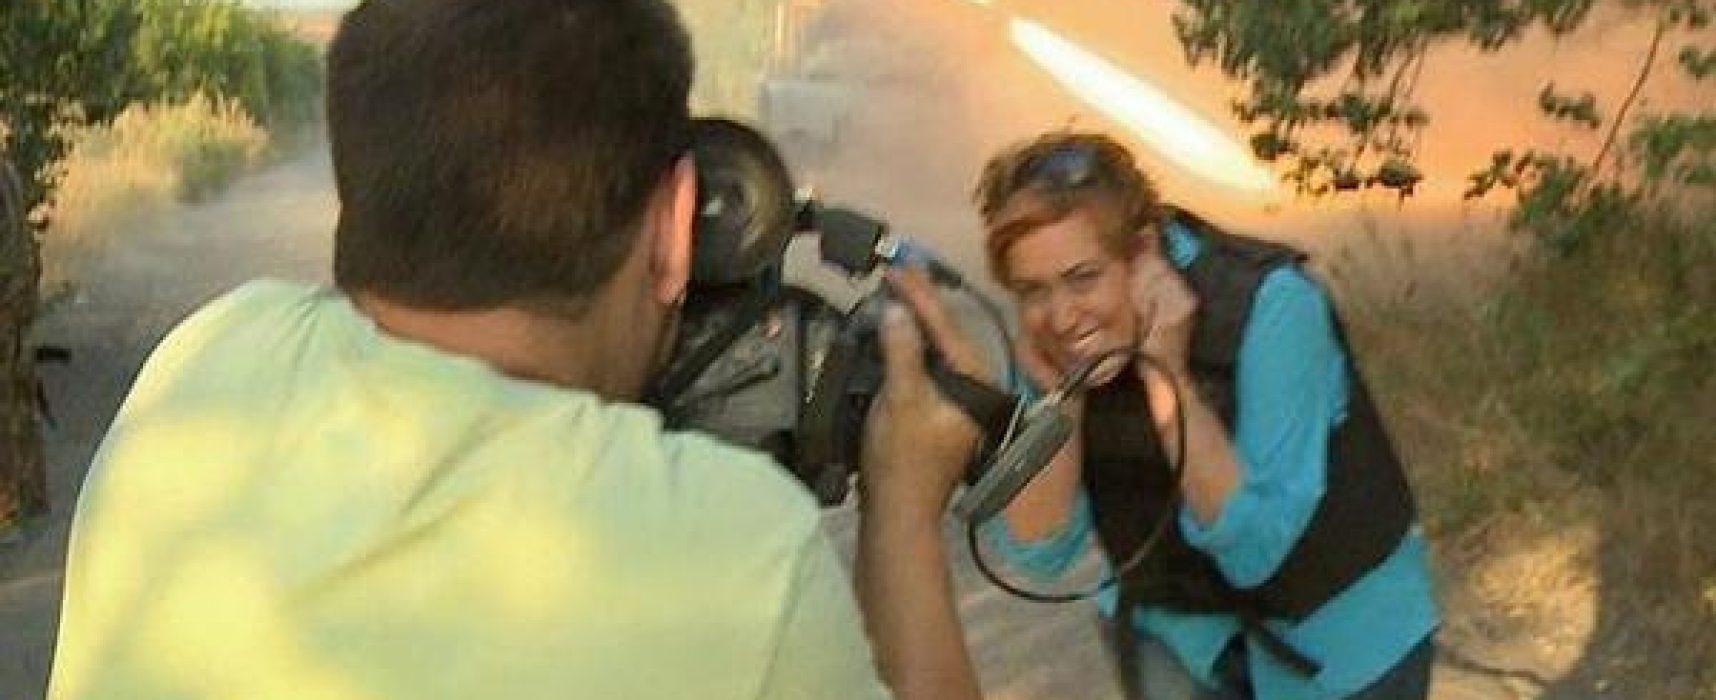 """Усмивка на фона на """"Градовете"""" на терористите: пропагандистката, която Украйна не пусна на територията си, е известна от грандиозен скандал"""